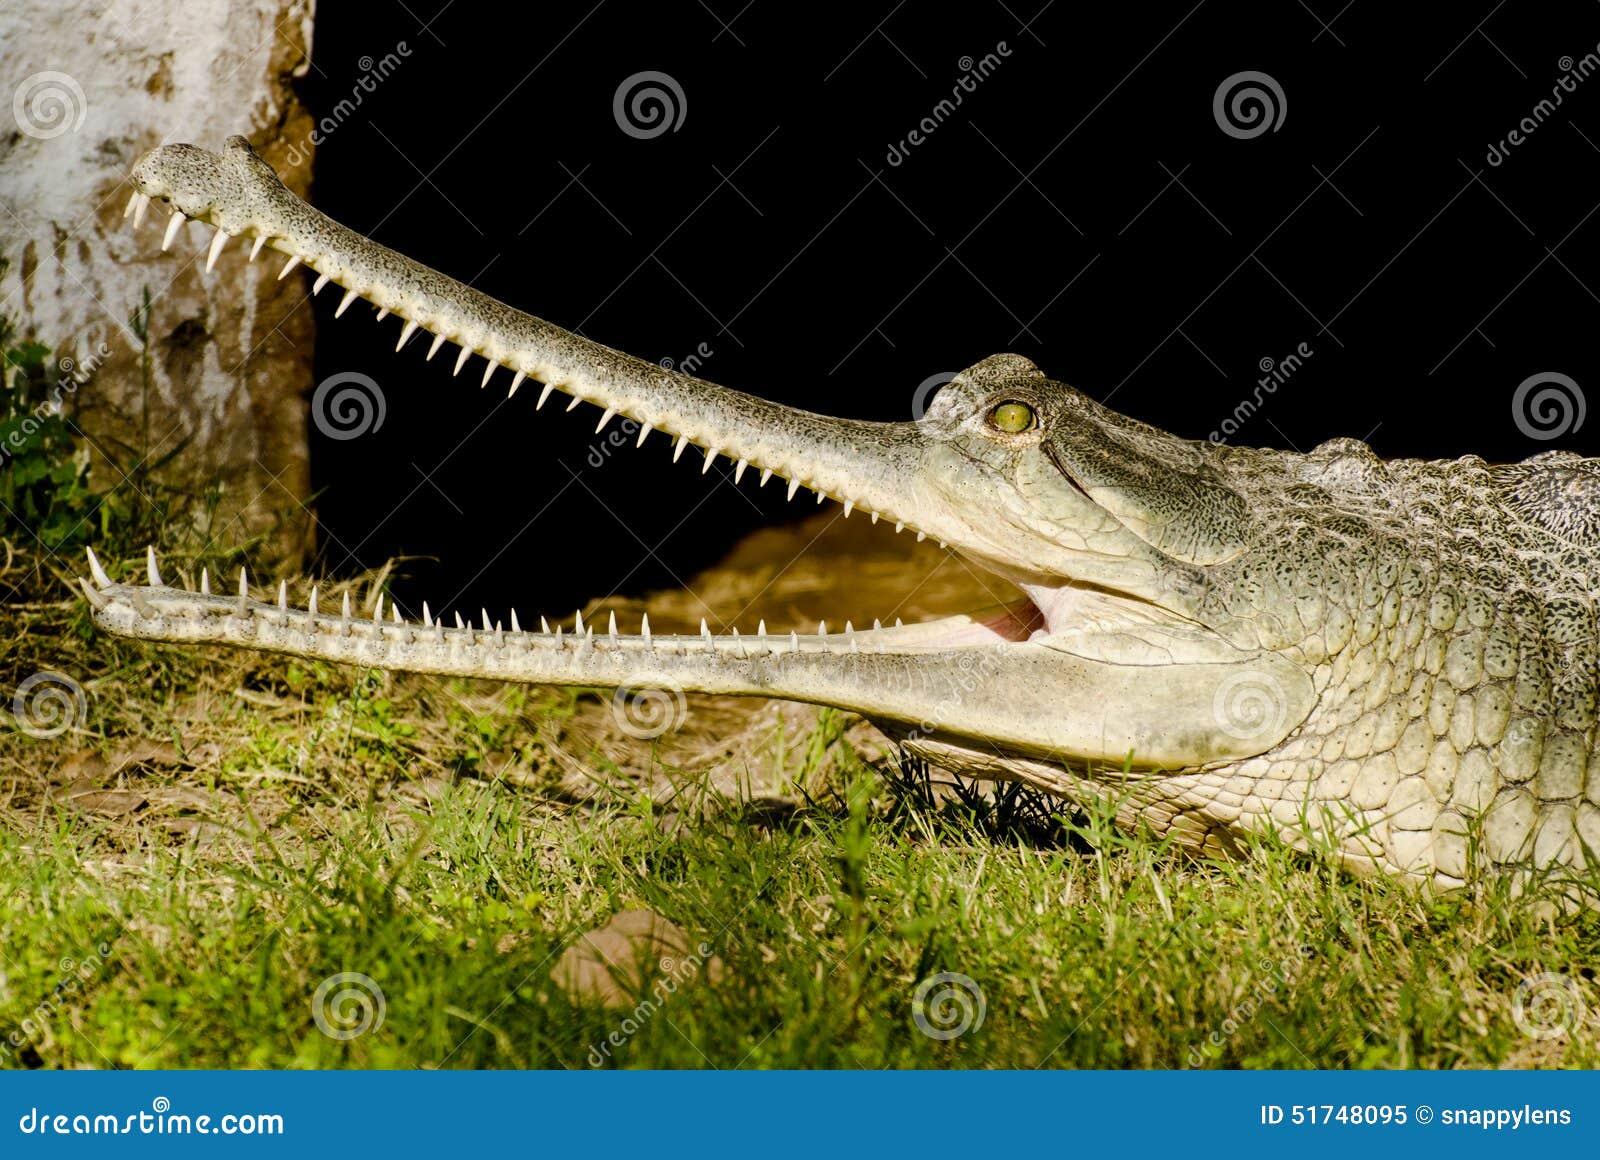 Indische krokodil Gharial